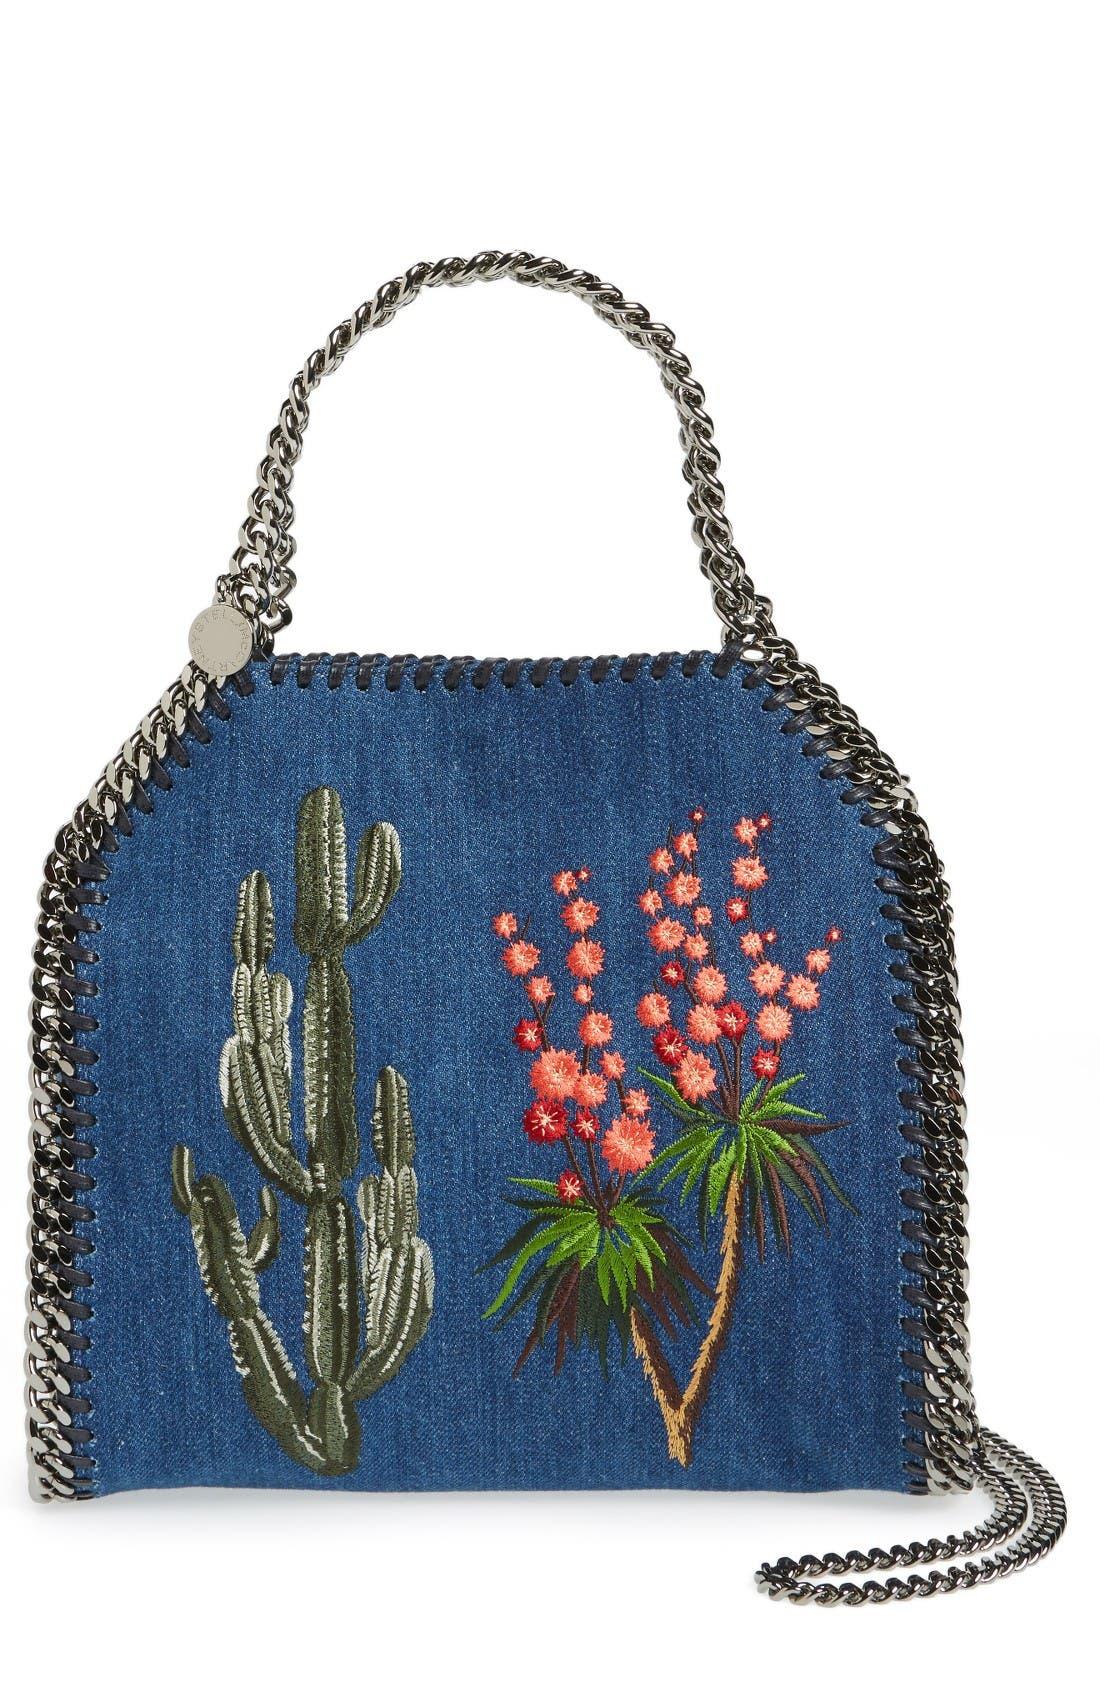 Main Image - Stella McCartney Mini Falabella Embroidered Denim Tote